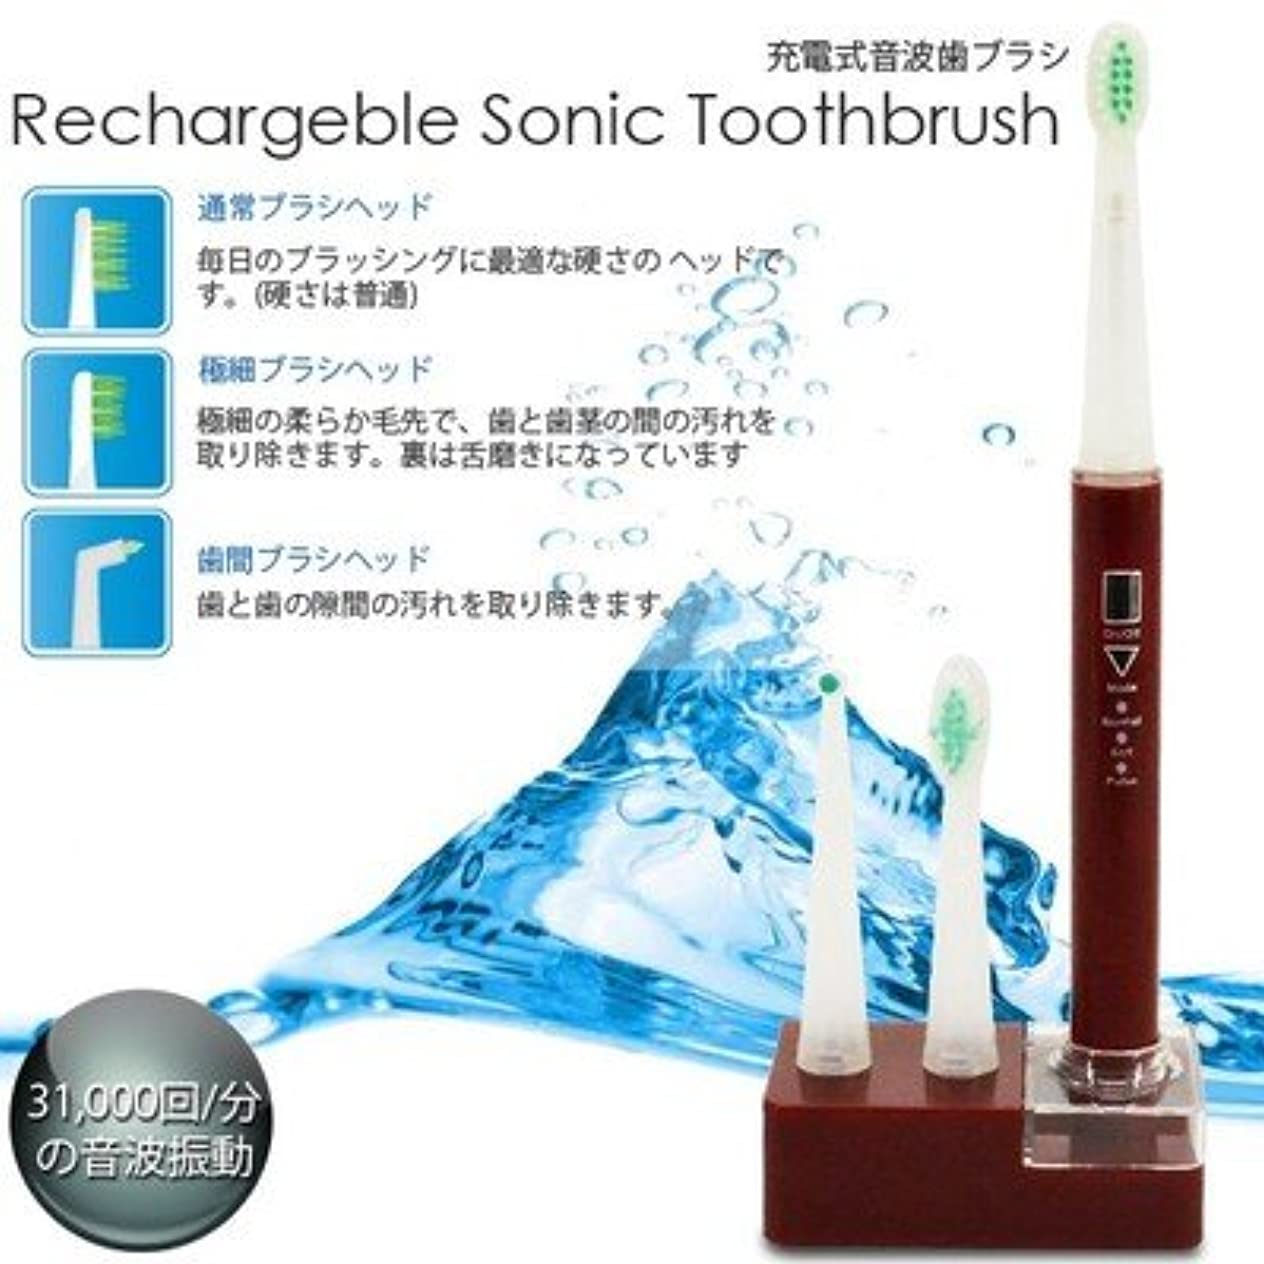 チャップ取り扱いメタルライン美容?衛生/充電式/音波歯ブラシ/3種類/ブラシ付属/RST-2062/赤